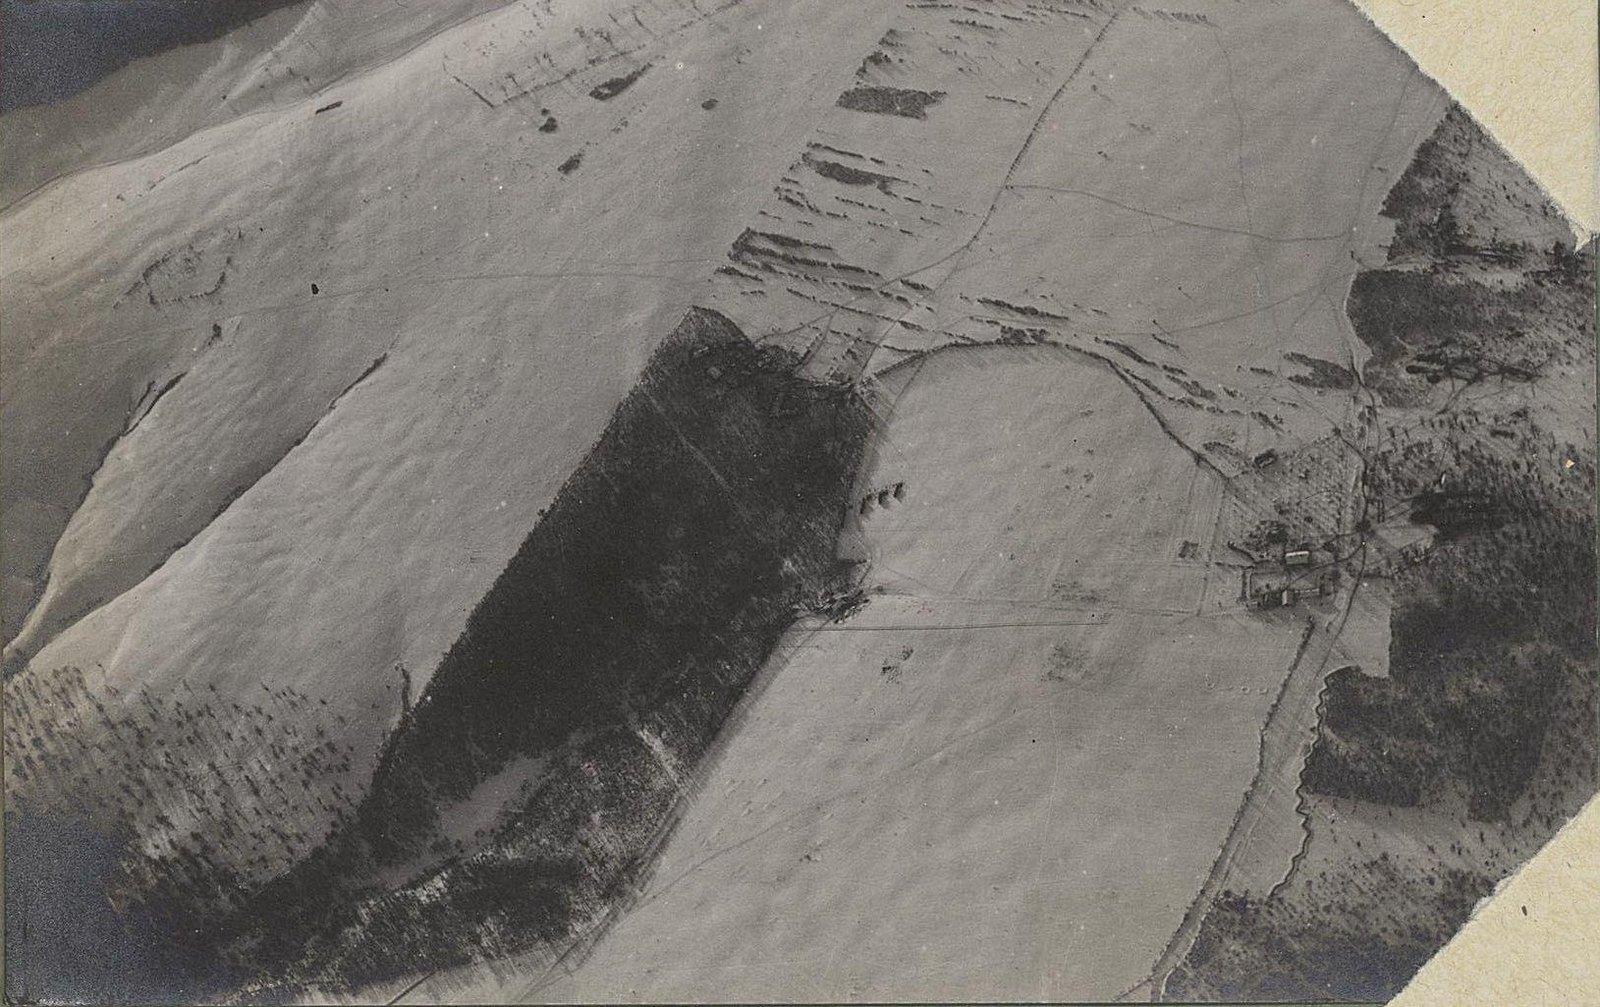 12. Австрийские окопы. Снято с аэроплана зимой